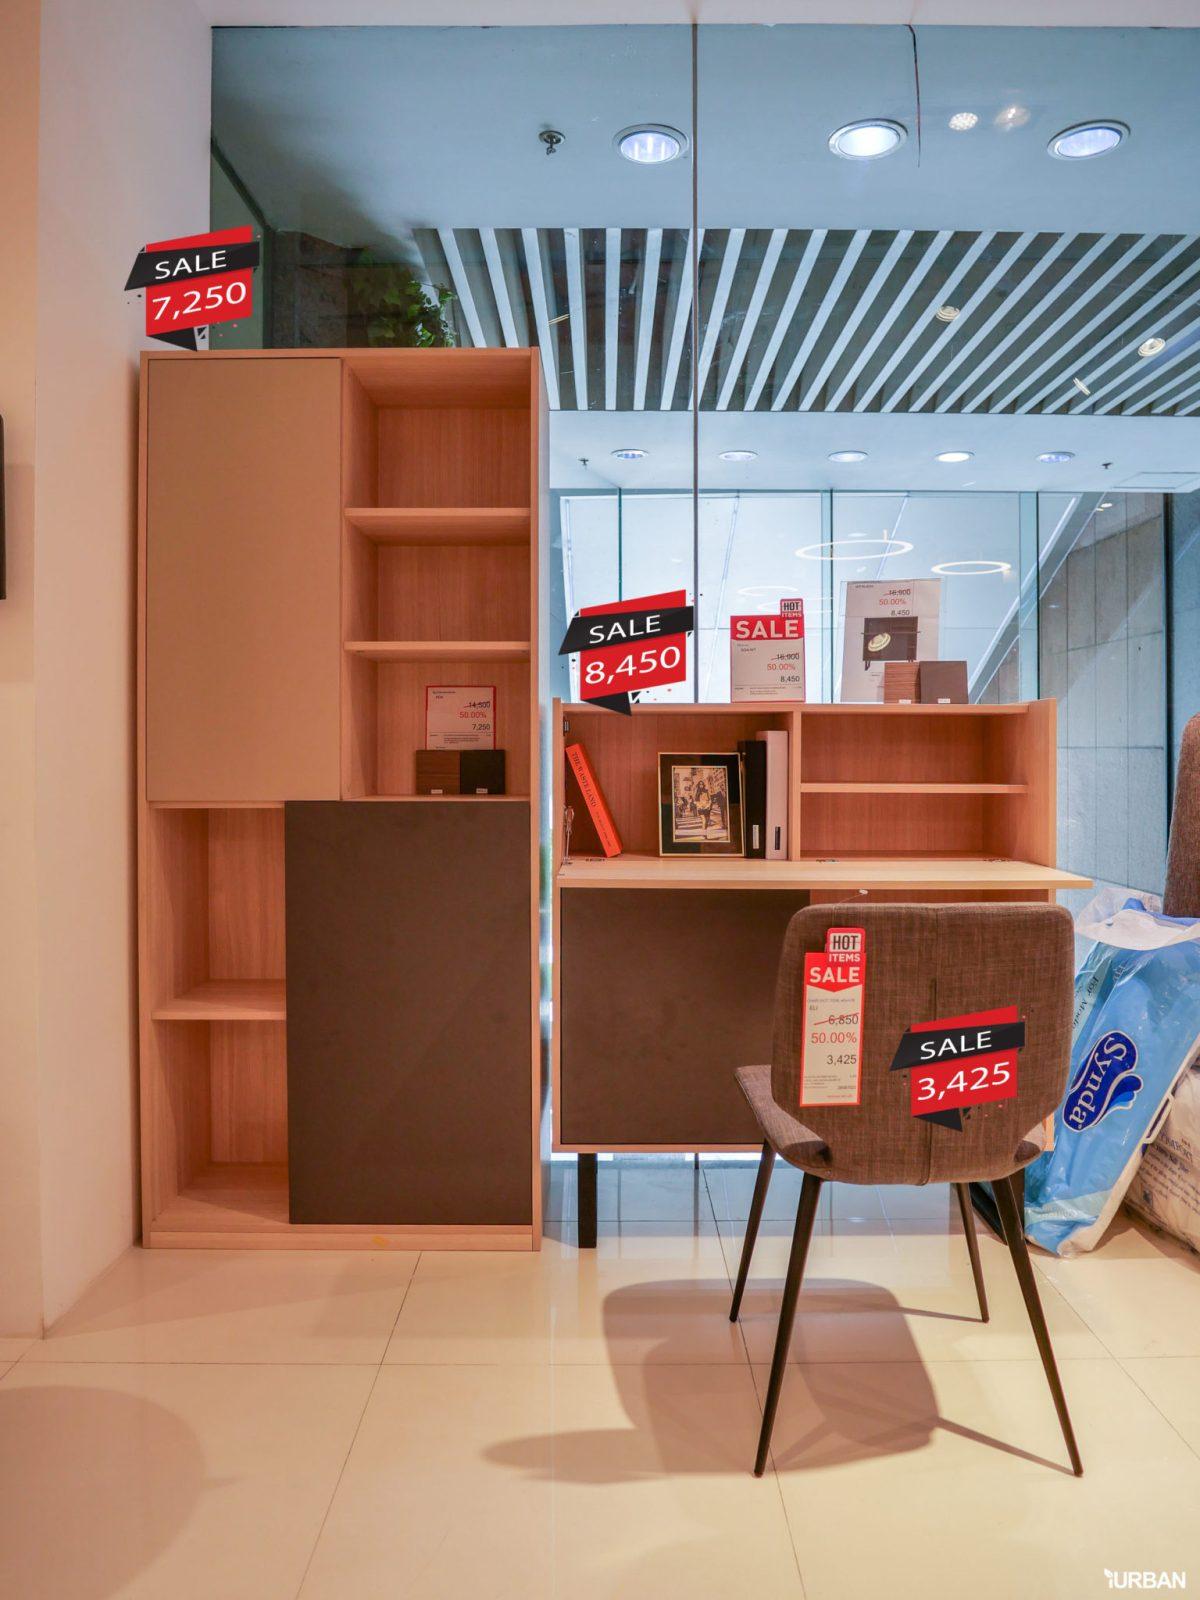 พาชม MODERNFORM ลดถึง 75% งาน The Annual Sale 2019 ปีนี้มีอะไรบ้าง? 92 - decorate